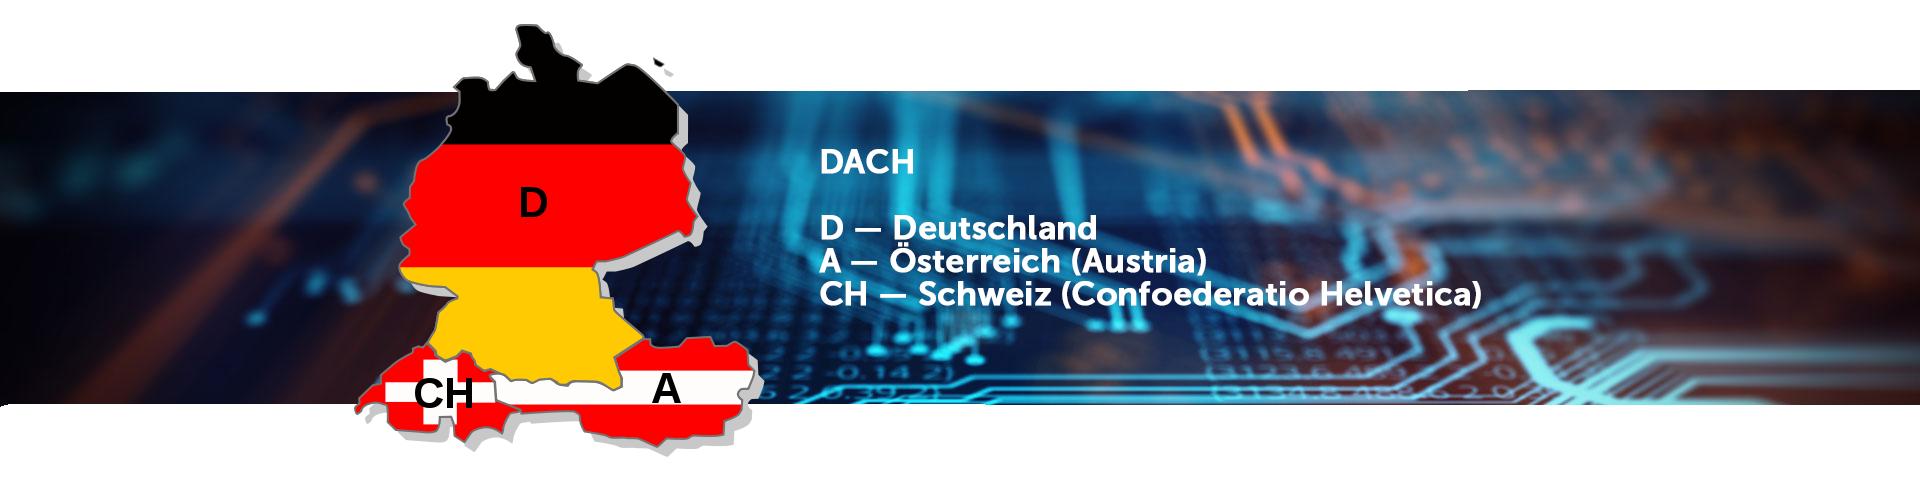 Wir eröffnen ein Büro in Deutschland als neues Automotive & FPGA Design Unternehmen in der DACH-Region